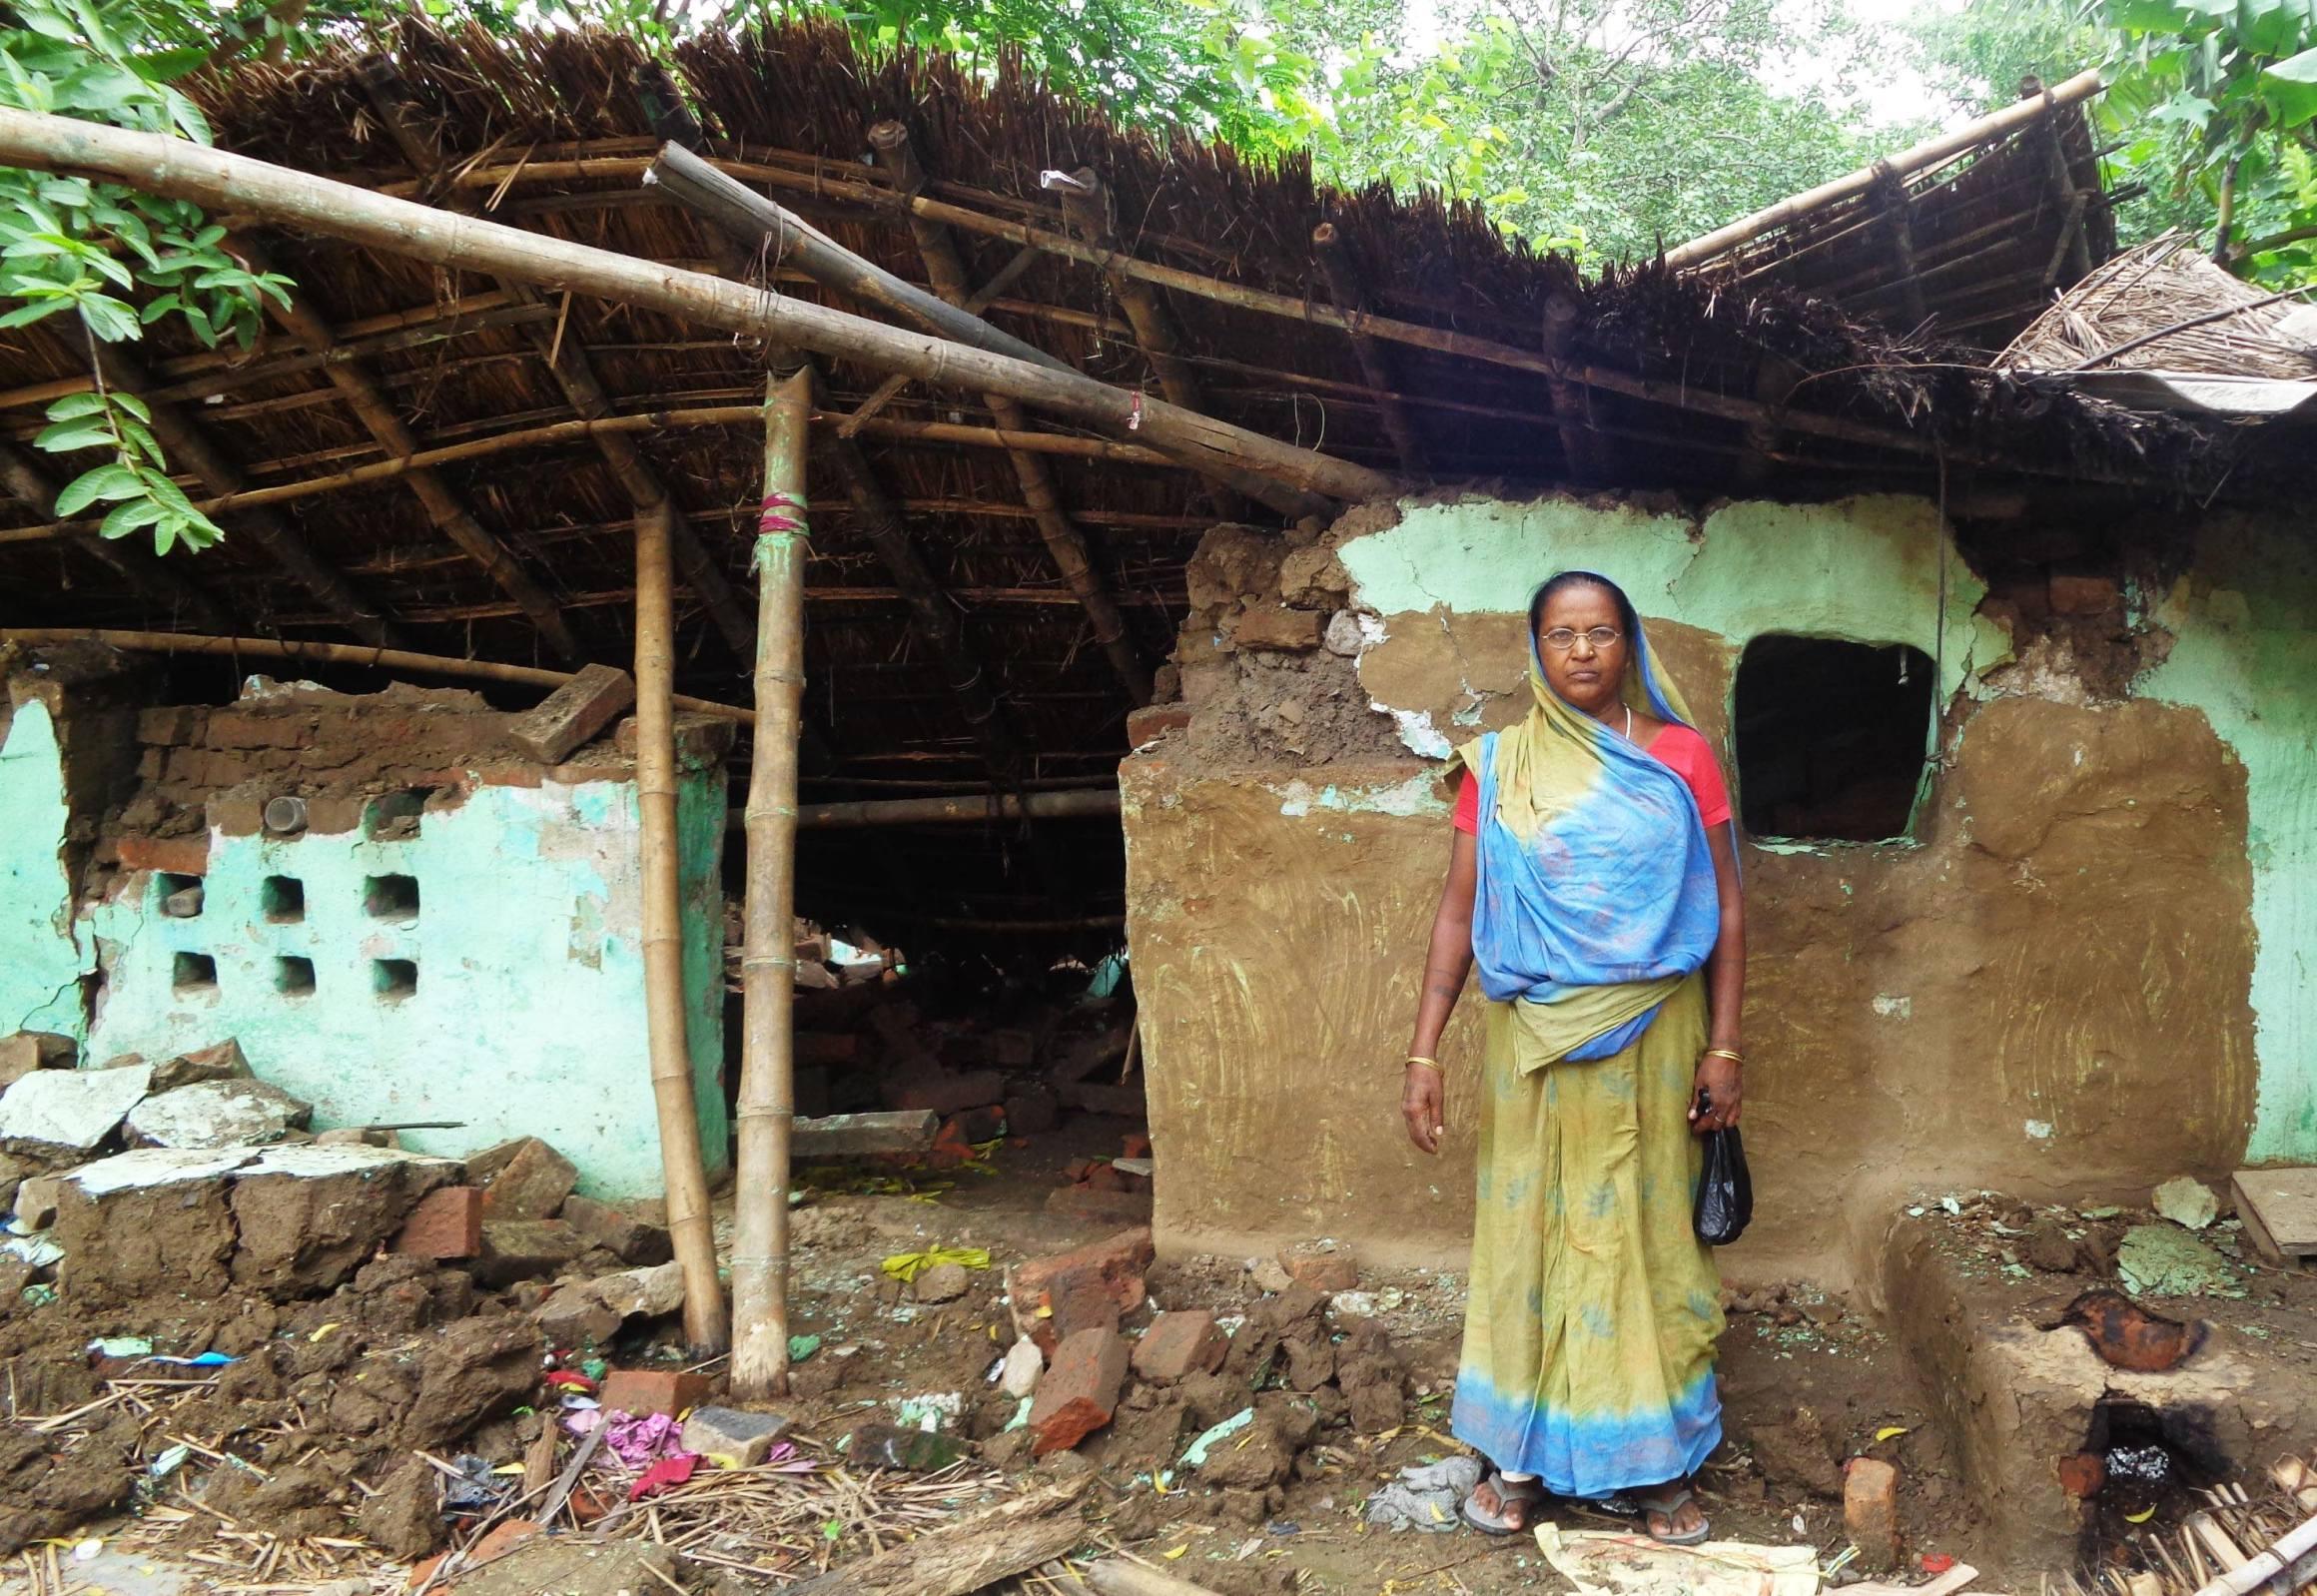 رام سنیہی دیوی کا گھر اور چائے کی گمٹی دونوں توڑ دئے گئے ہیں۔ دکان ٹوٹ جانے سے ان کی کمائی رک گئی ہے۔ (فوٹو : امیش کمار رائے / دی وائر)